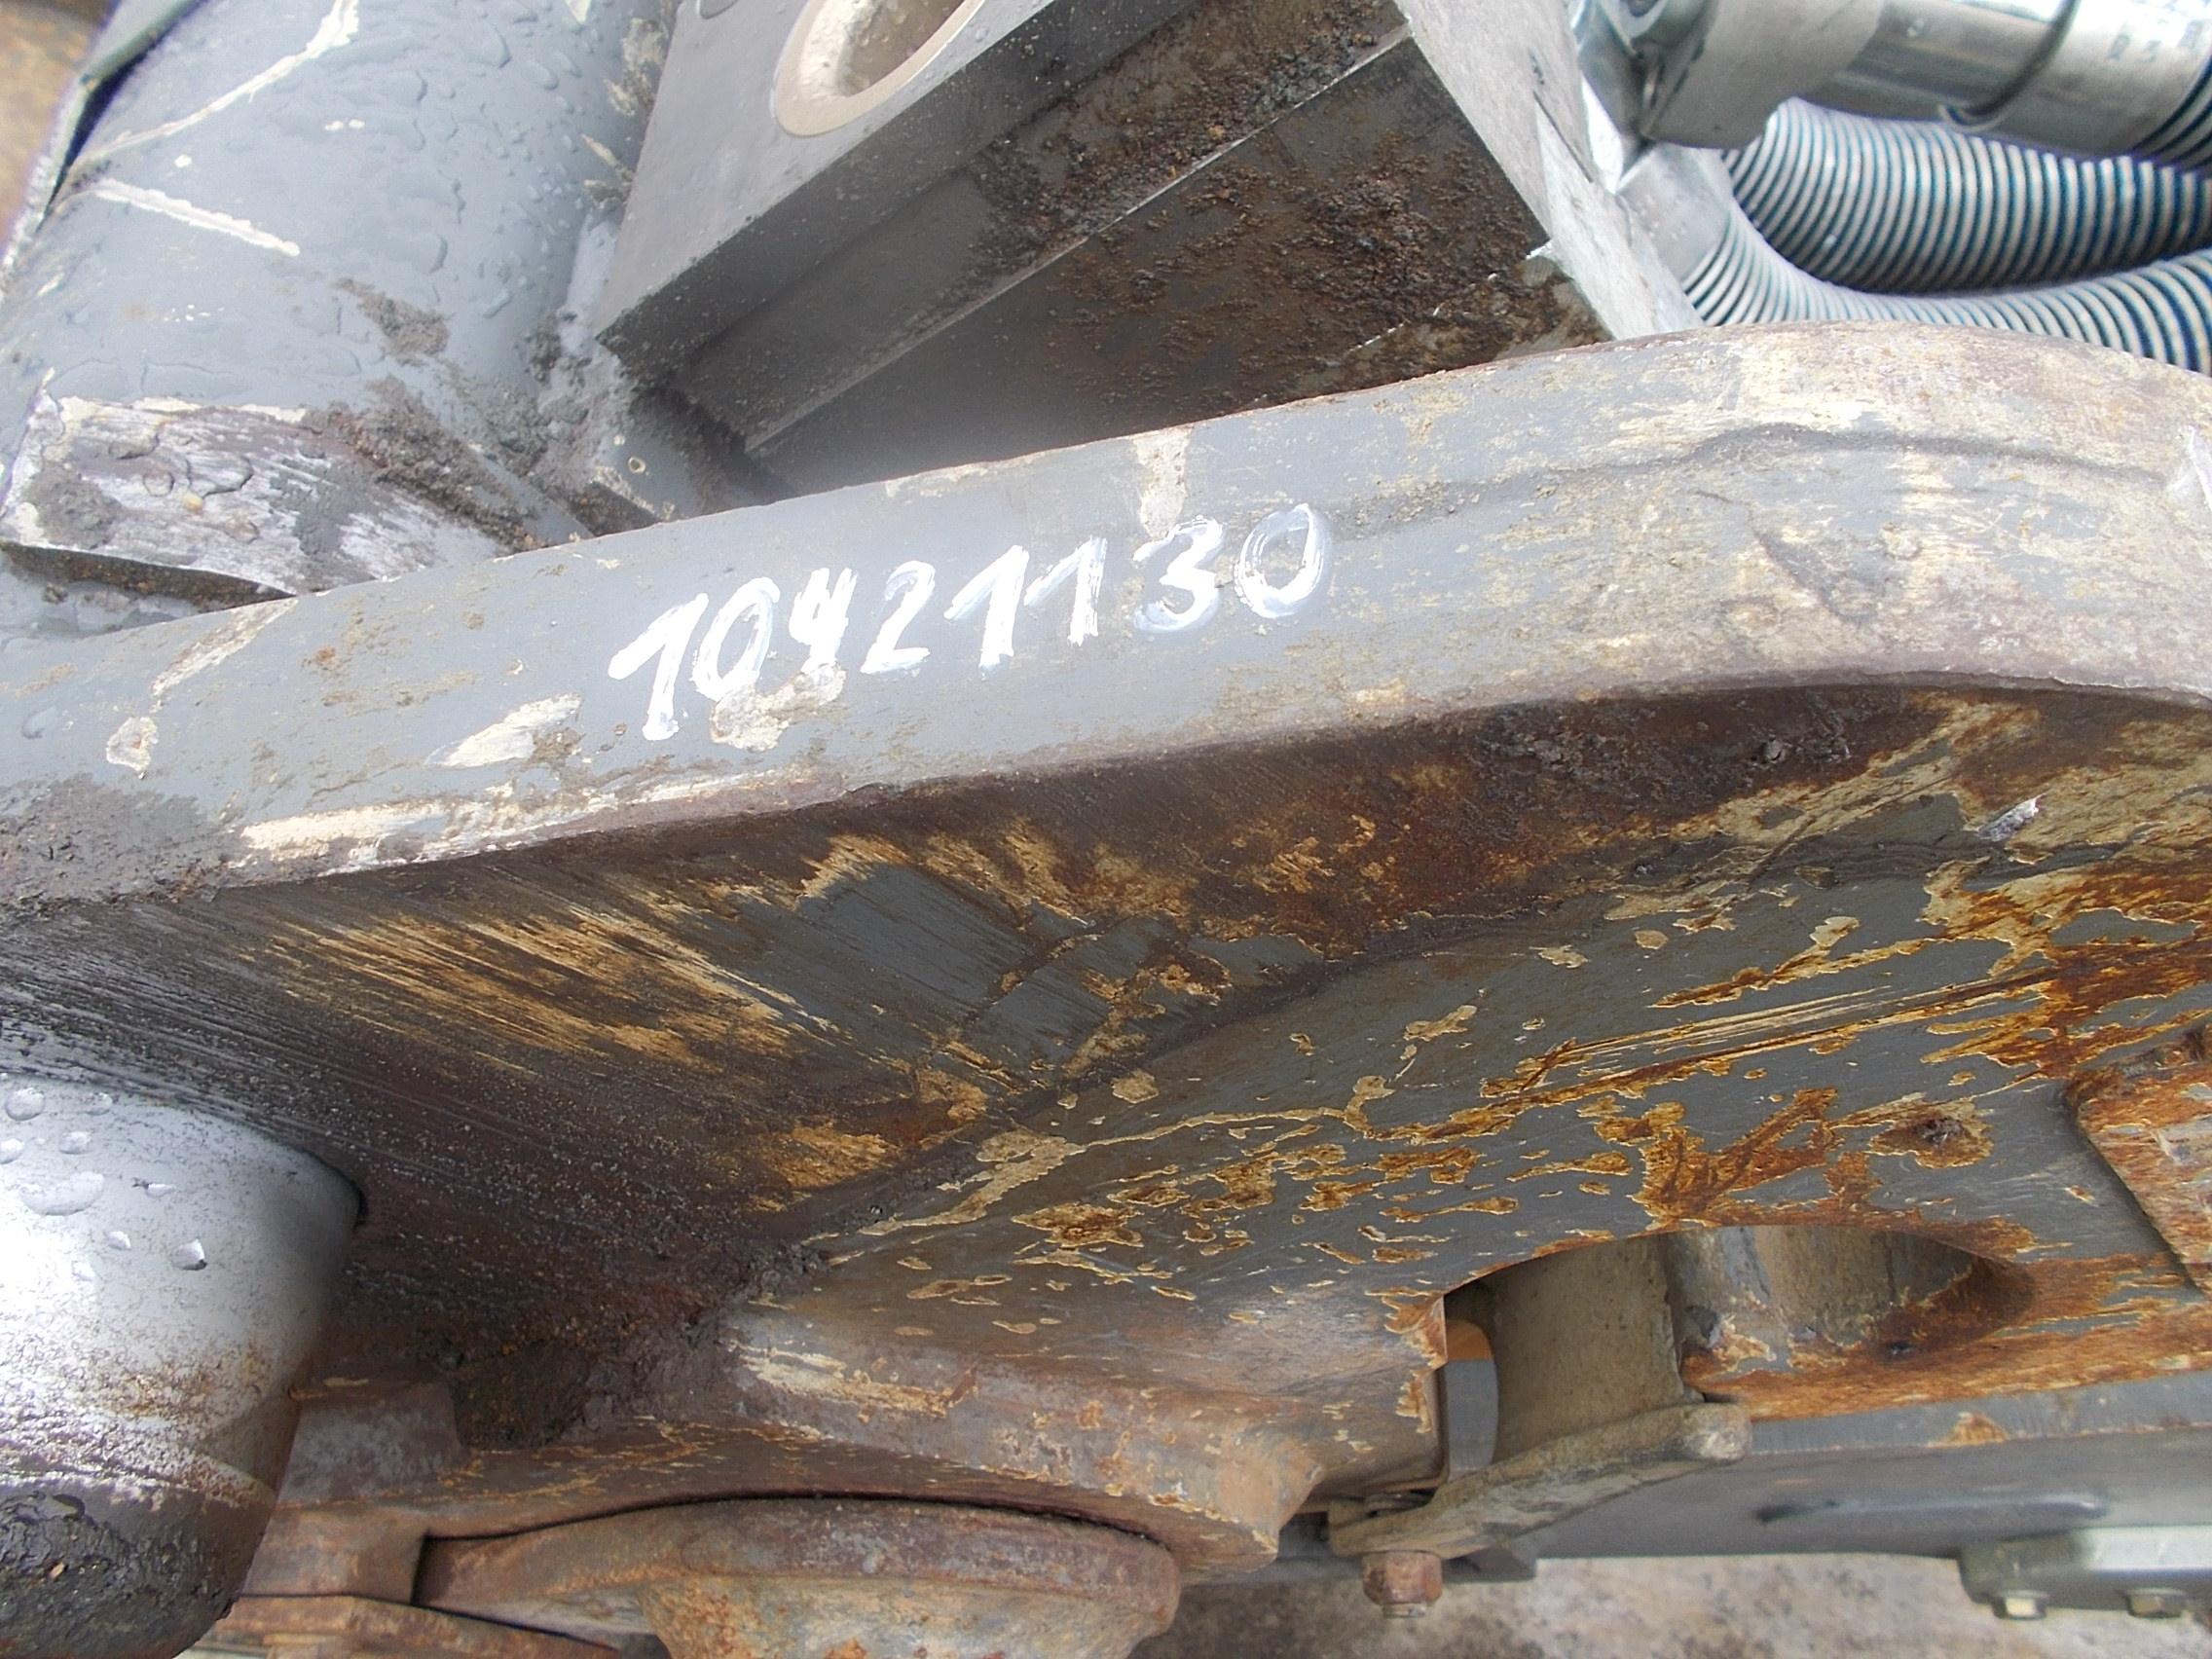 DSCN8300.JPG